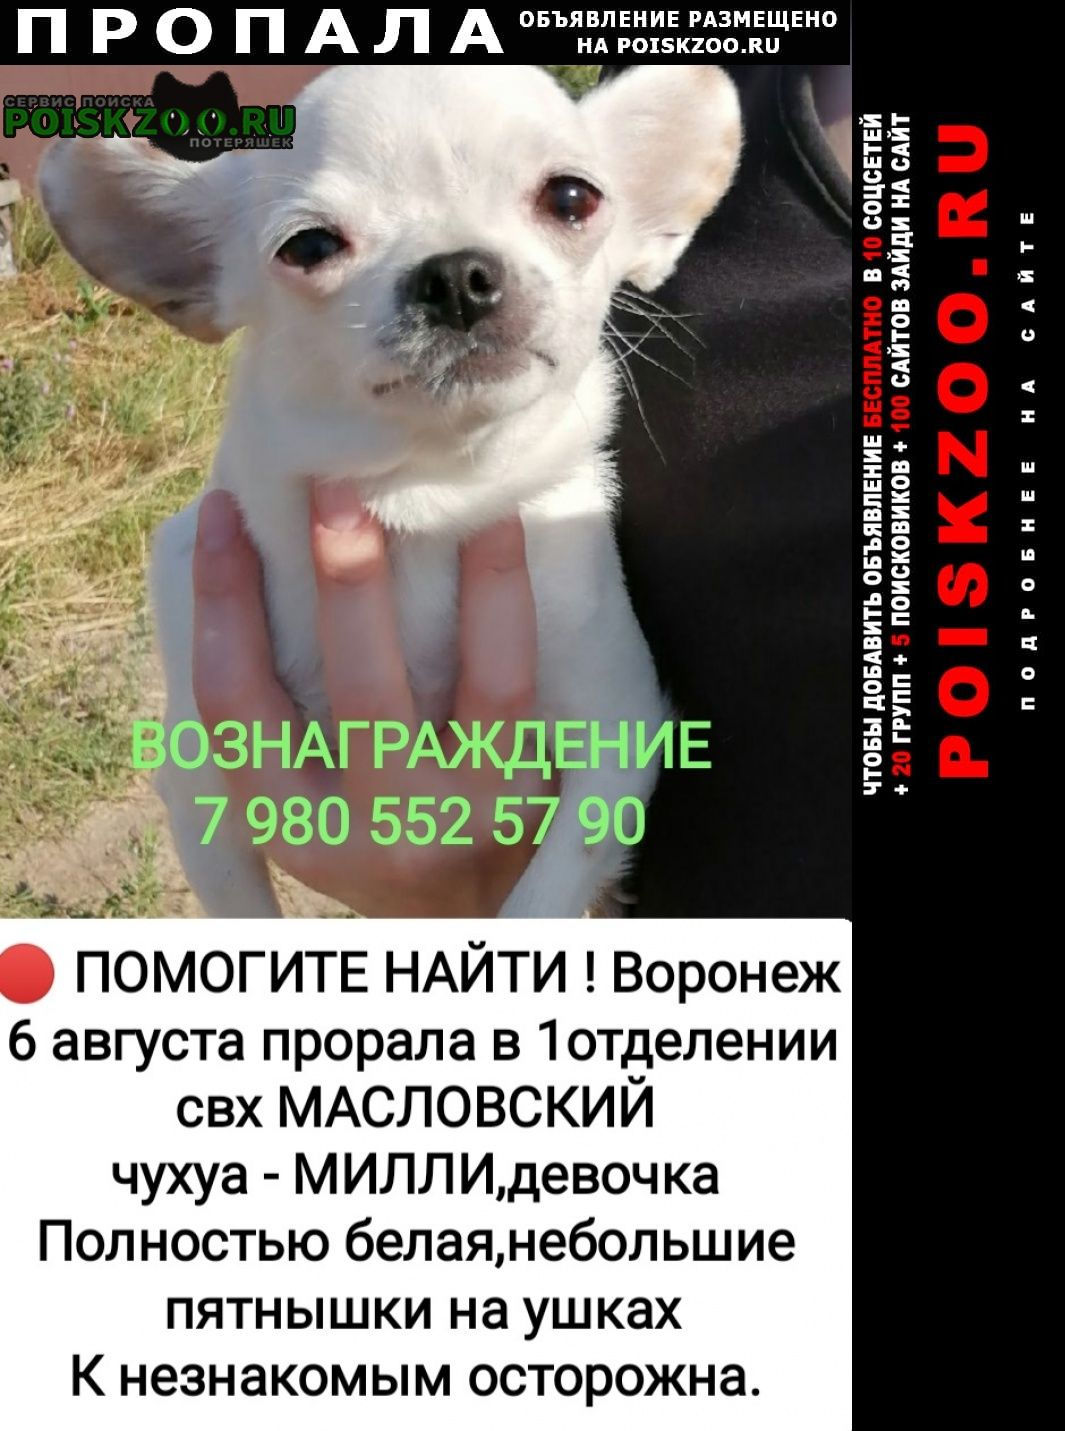 Пропала собака чихуа потерялась Воронеж